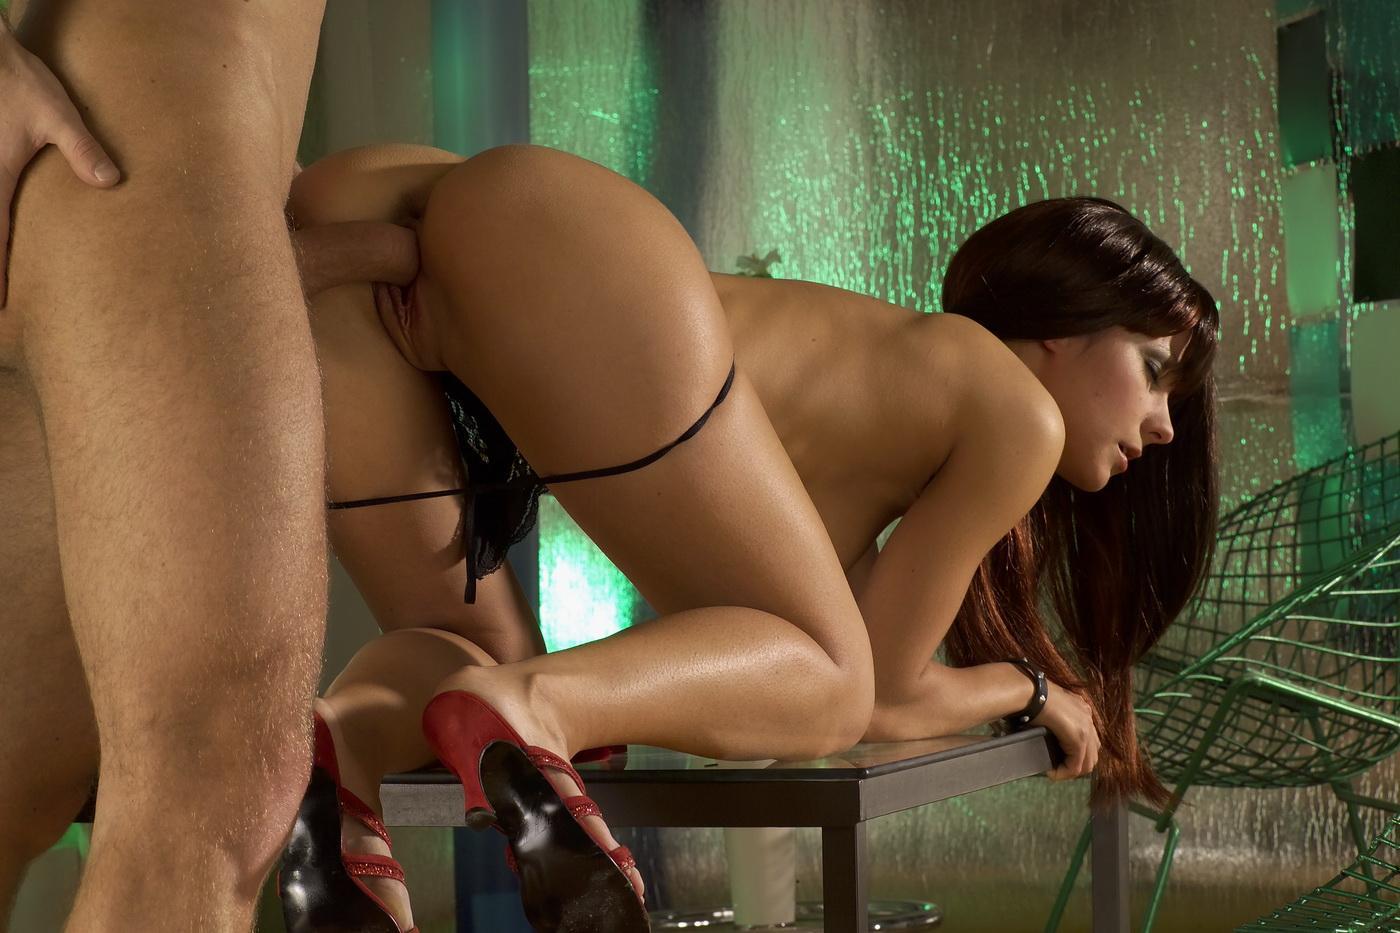 Скачати Порно Відео На Нокіа Аши 310